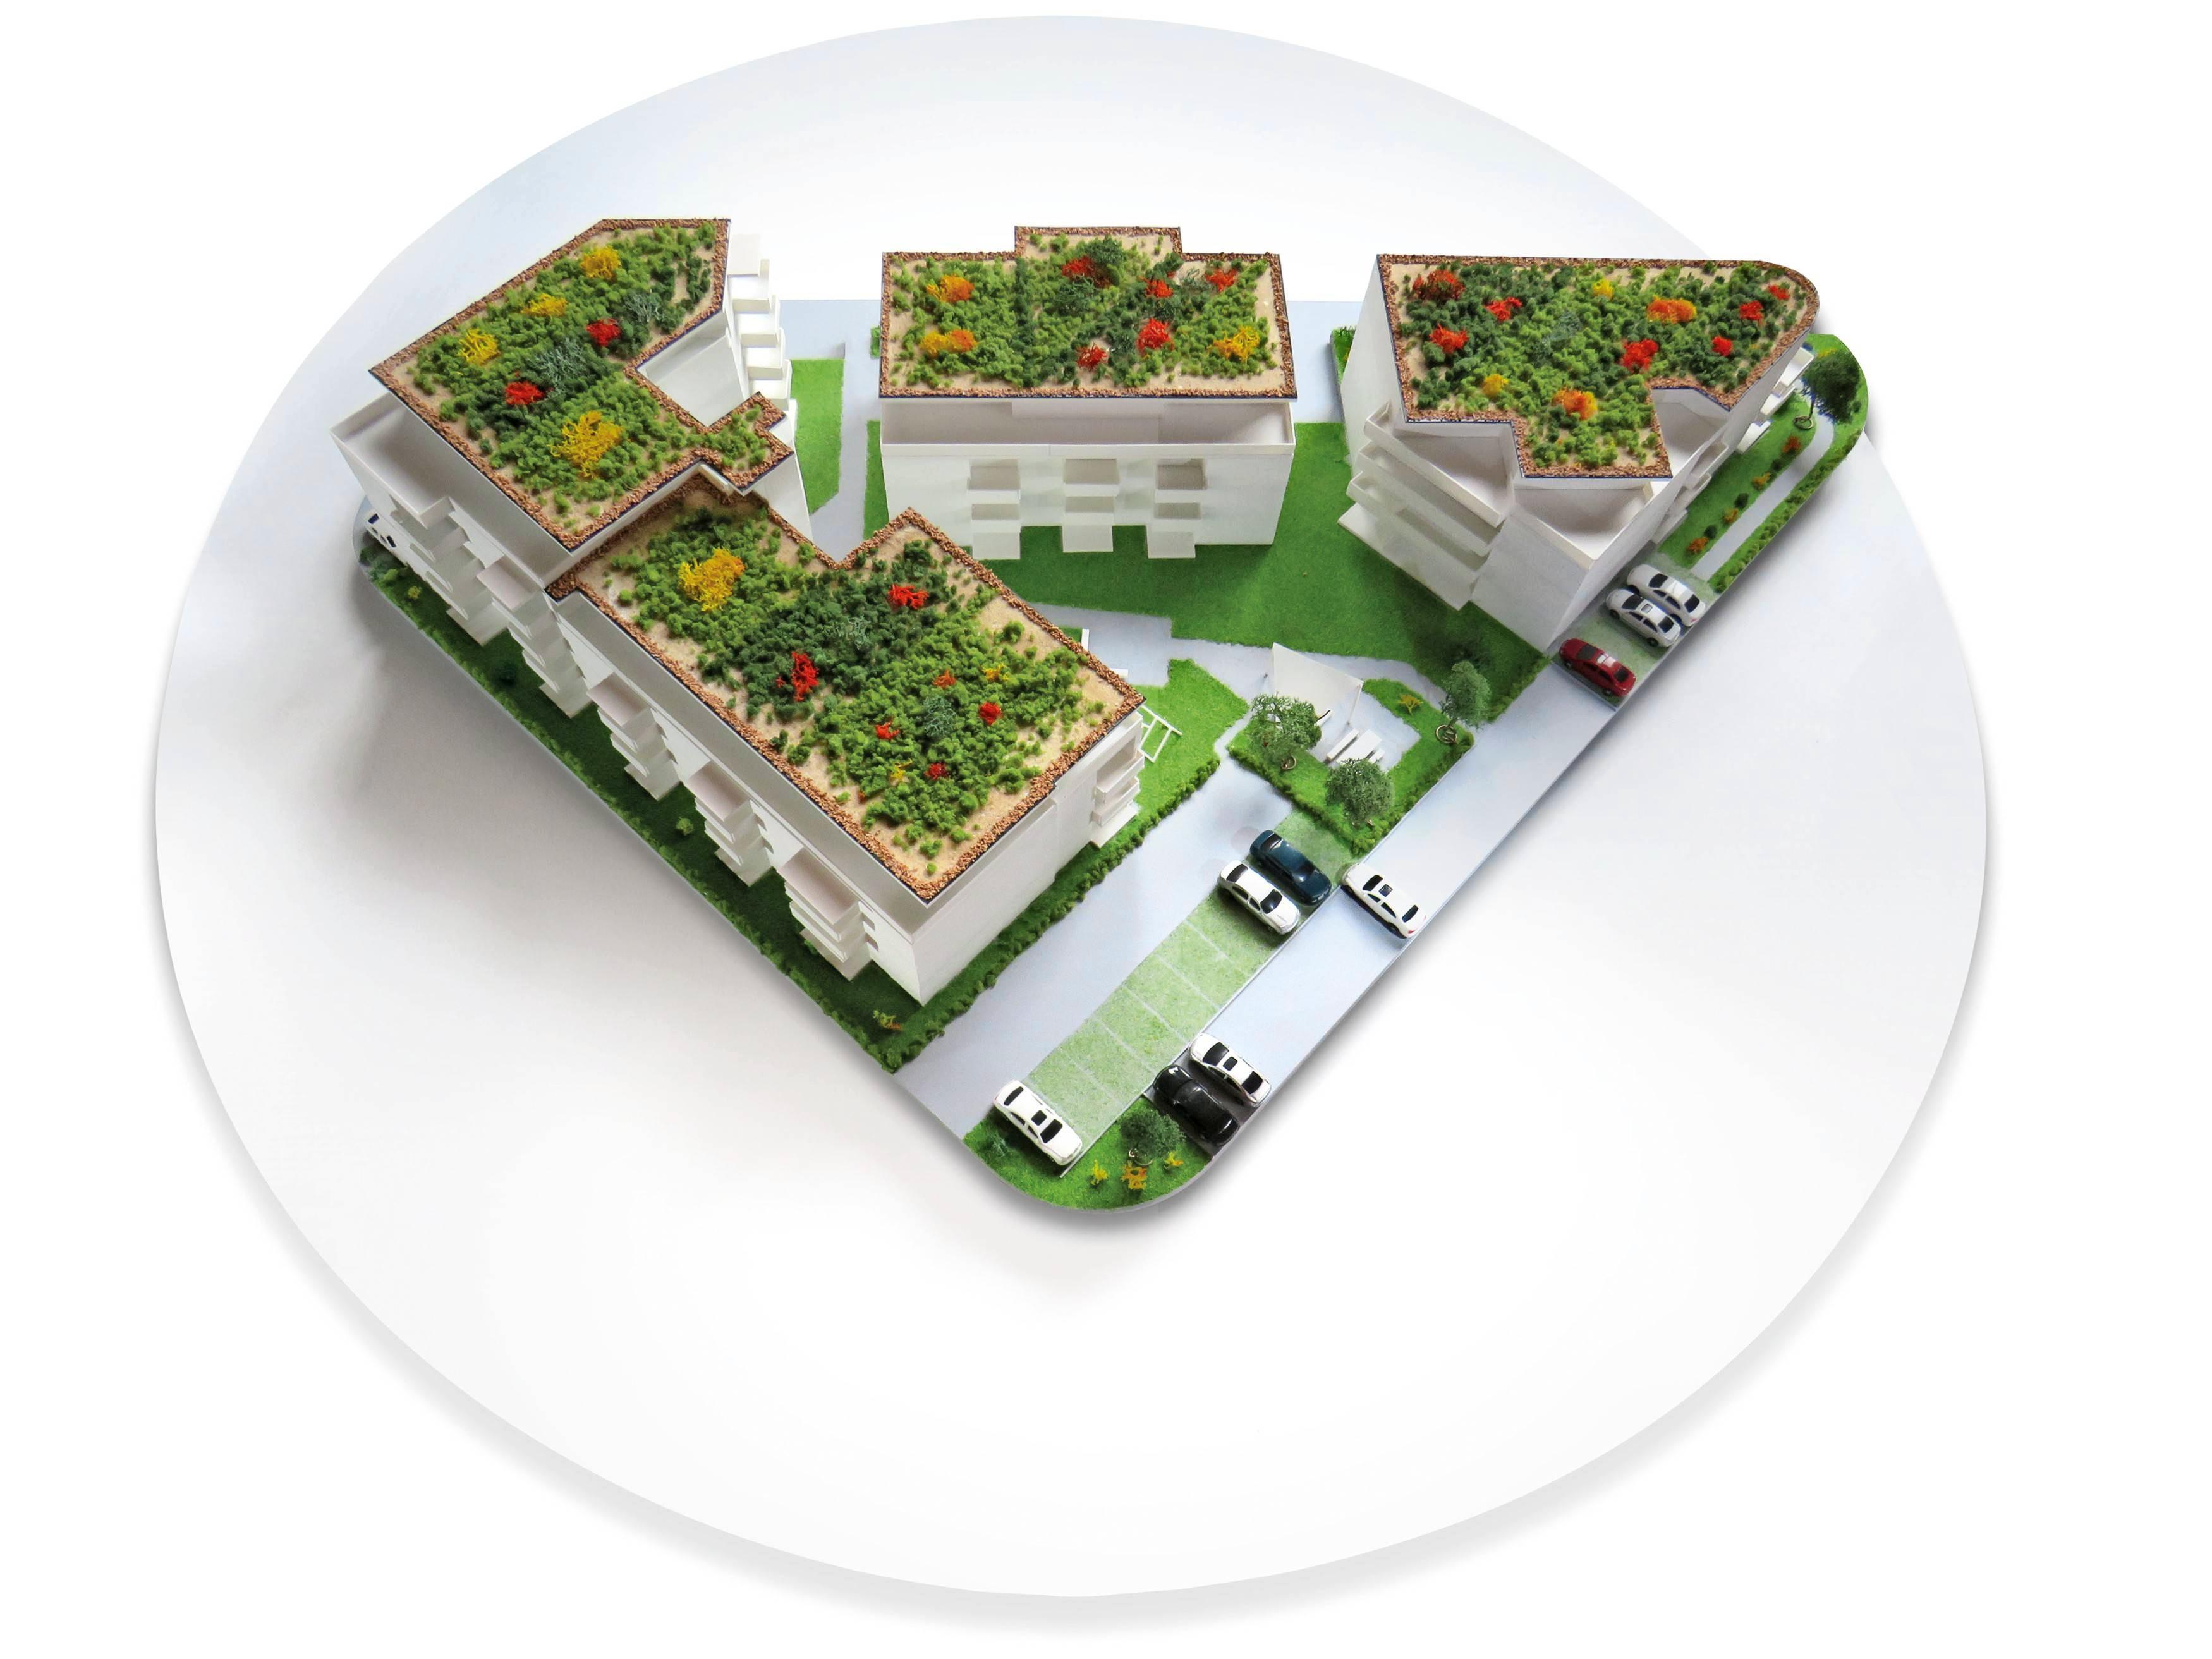 In Künzelsau-Taläcker realisiert OK Baumanagement ein zukunftsorientiertes Wohnbauareal. Vor Ort lassen sich die Ausmaße erahnen. Foto: OK Baumanagement